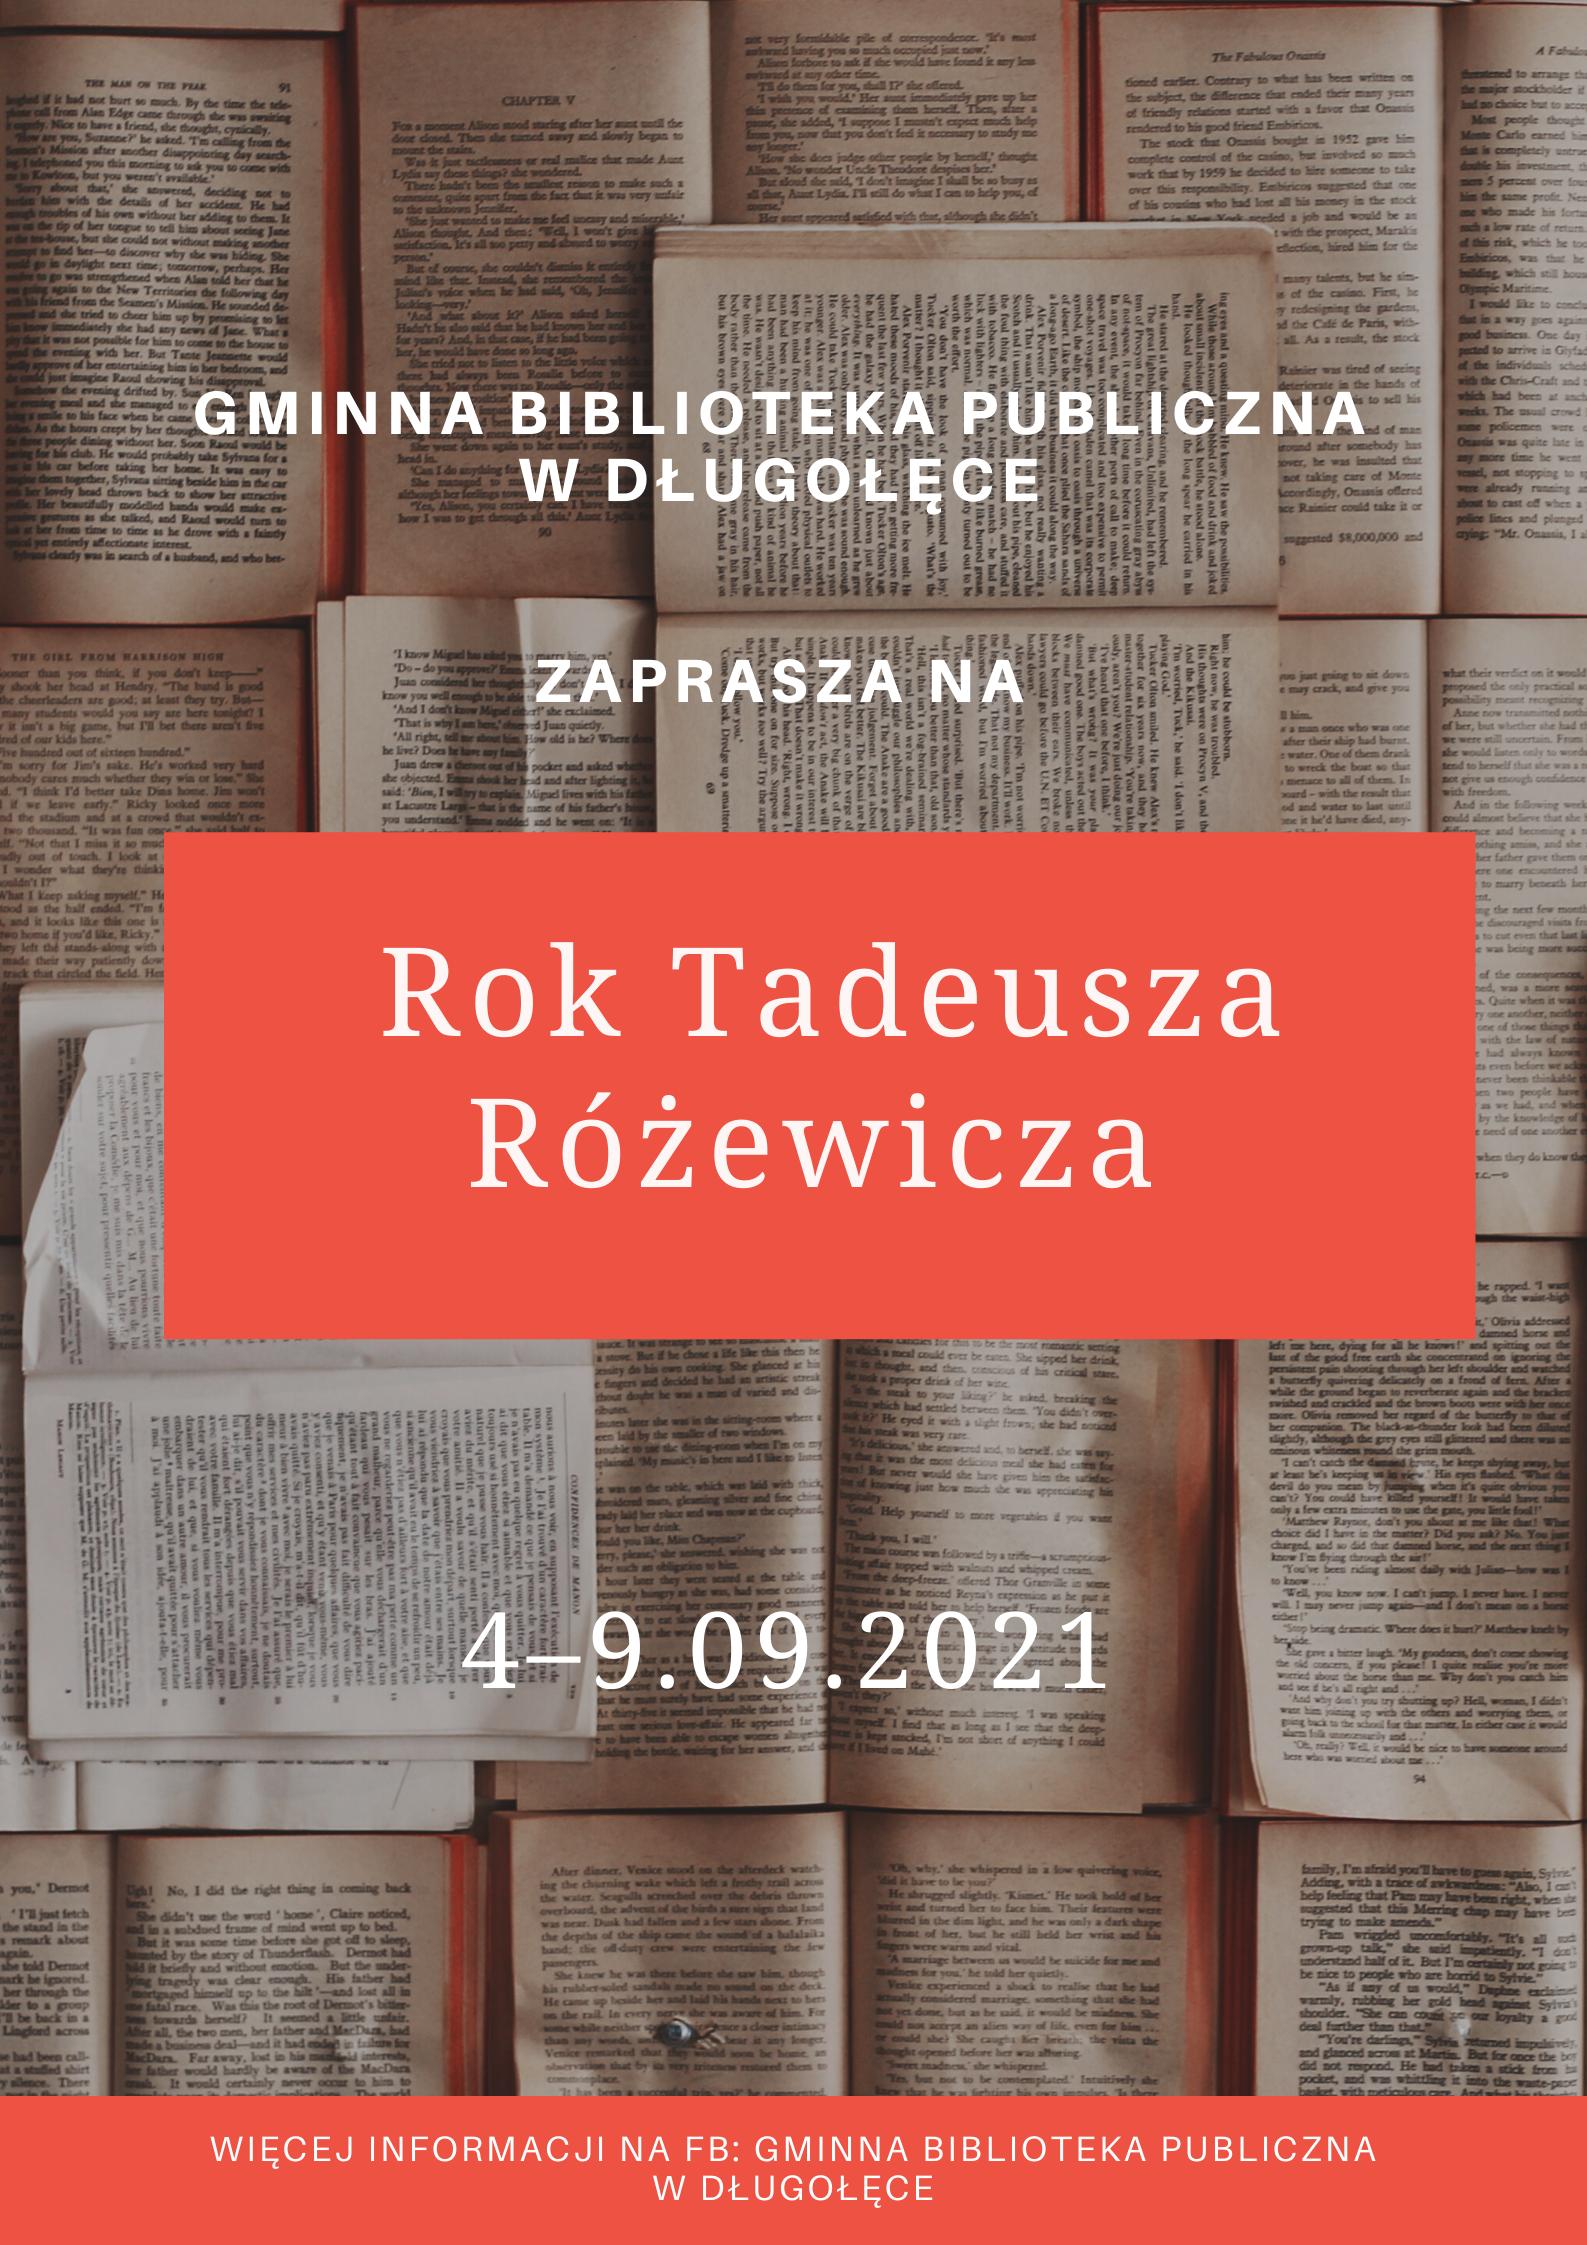 Rok Tadeusza Różewicza – org. Gminna Biblioteka Publiczna w Długołęce